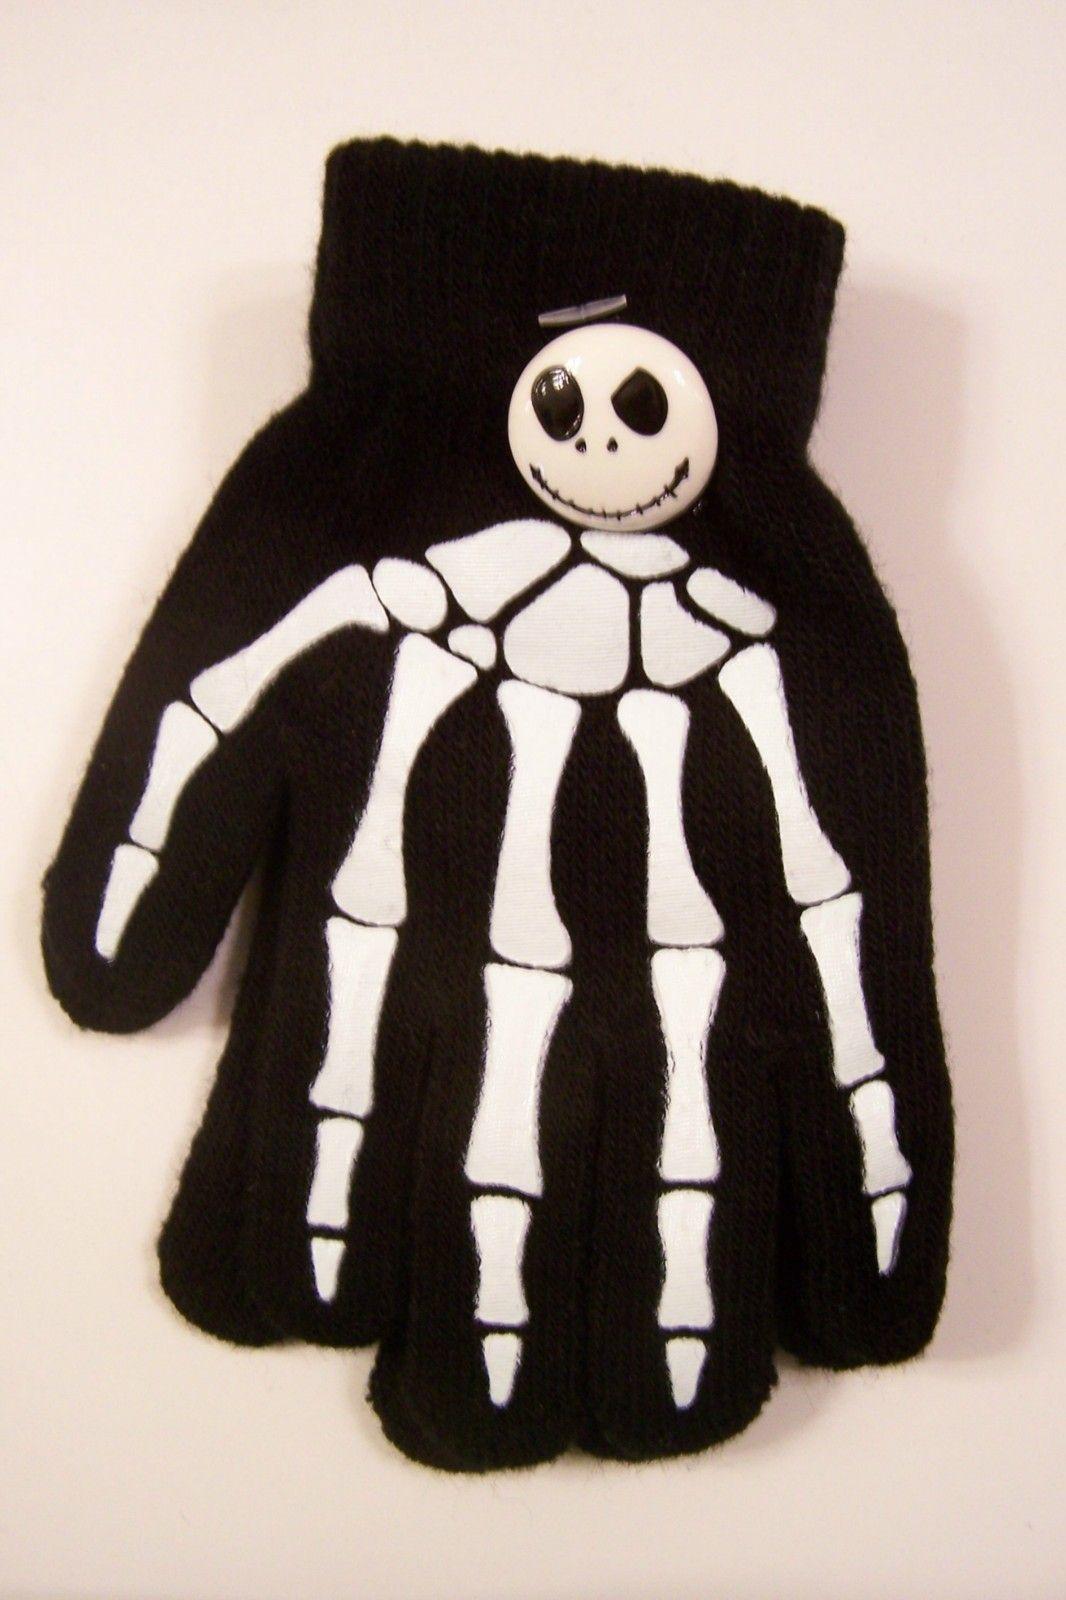 Glow in the dark Jack Skellington Nightmare before christmas gloves ...